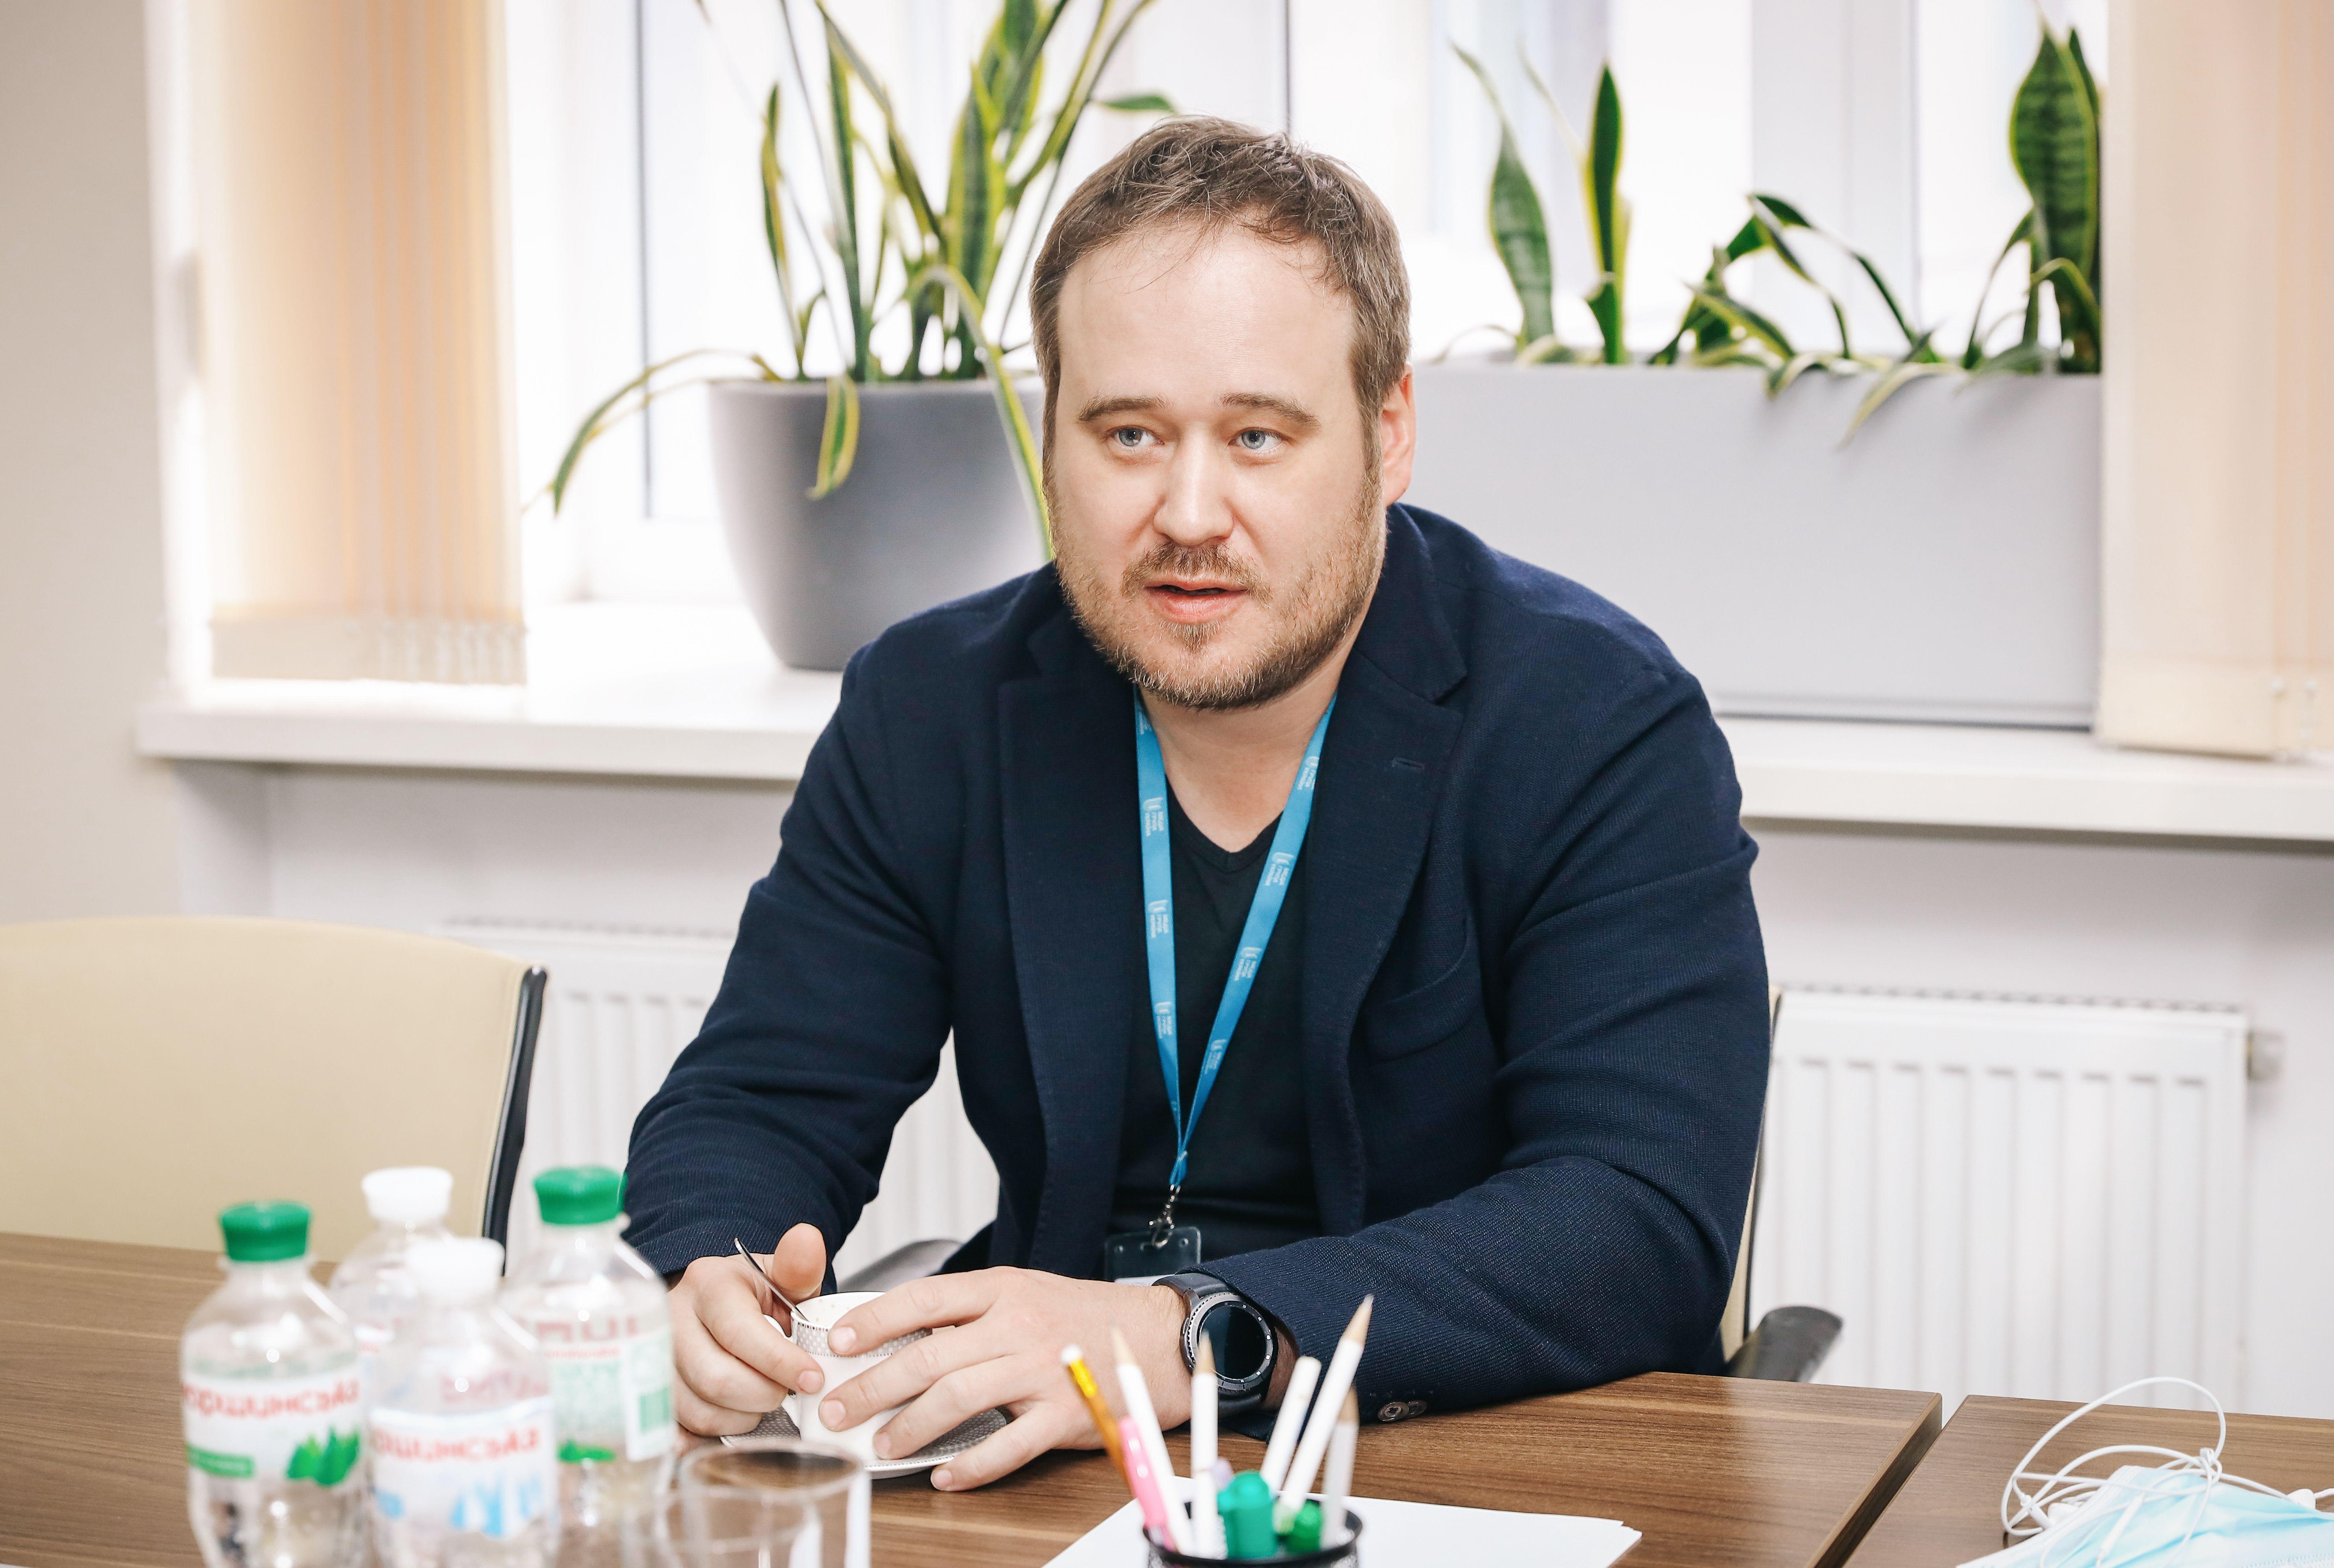 У «Новинній Групі Україна» працюють близько 600 чоловік – директор «Медіа Групи Україна»